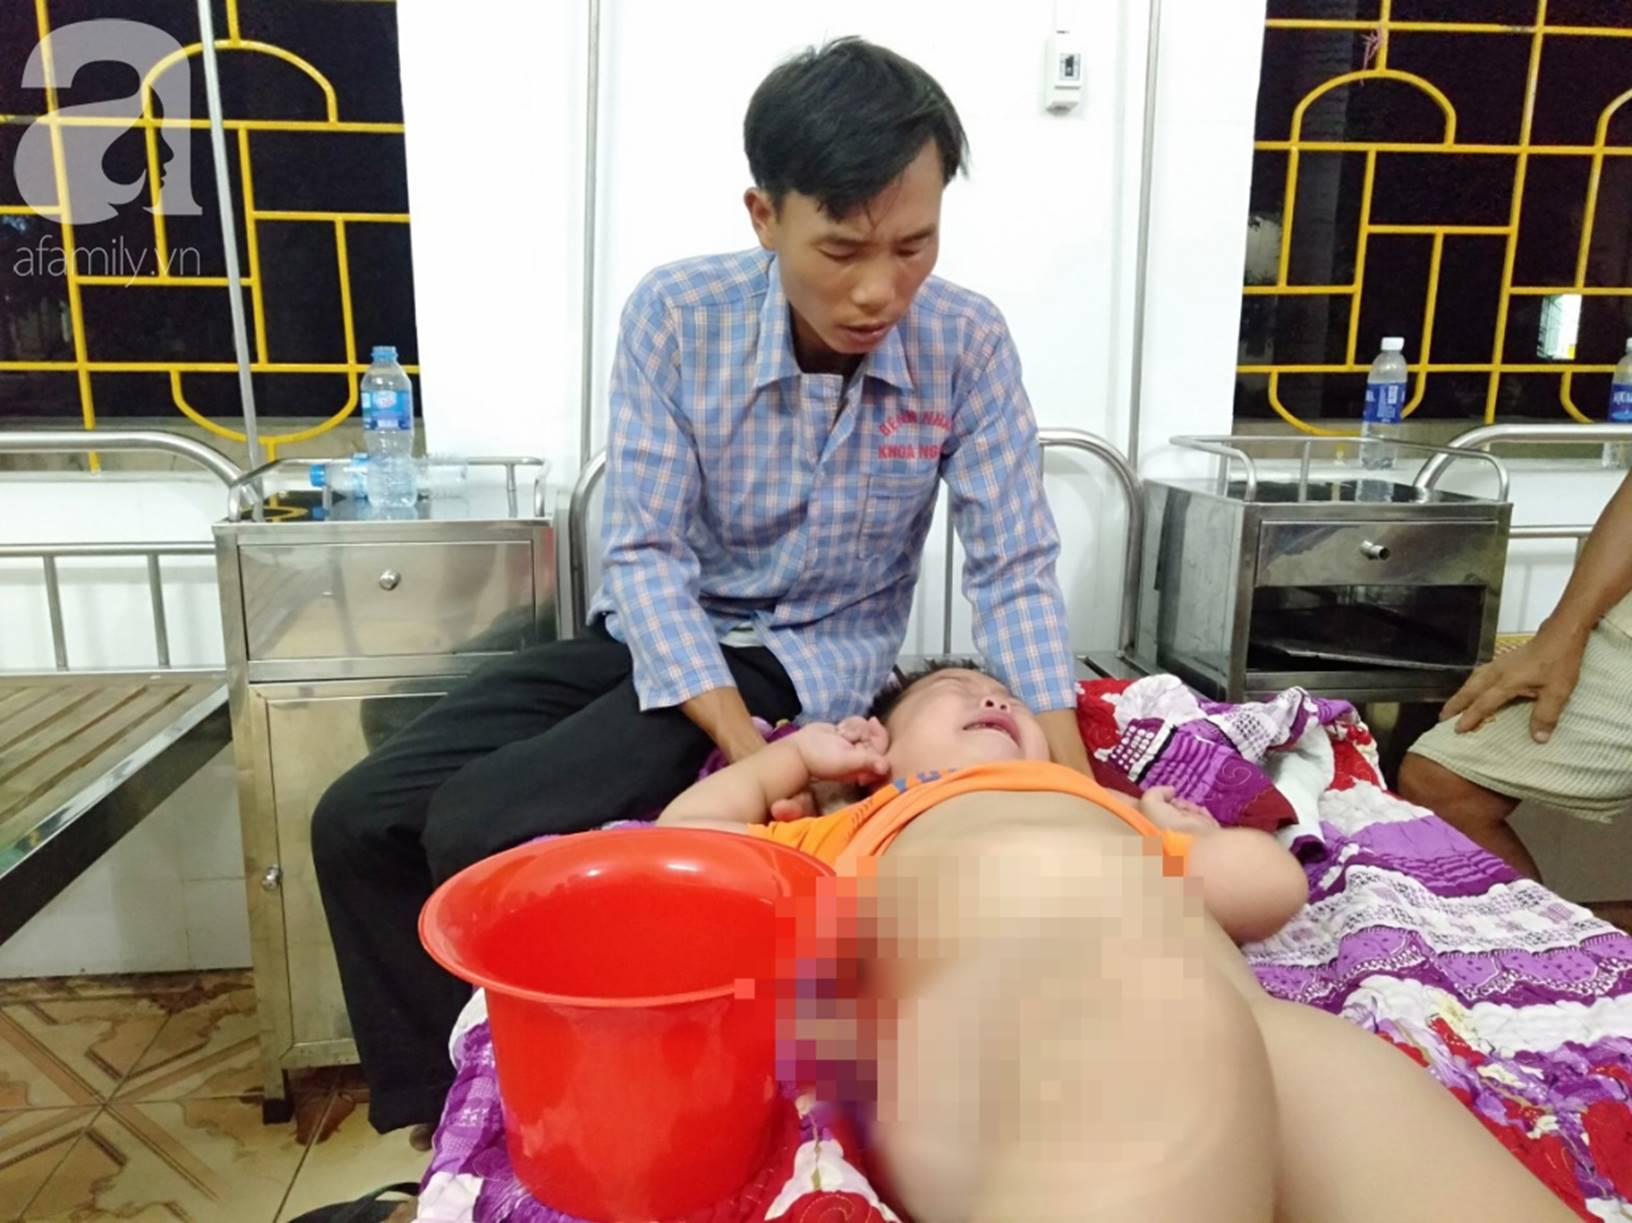 Vợ chồng nghèo cầu cứu 100 triệu đồng cho con trai 7 tuổi mắc bệnh thận có cơ hội phẫu thuật, giành lại sự sống-4